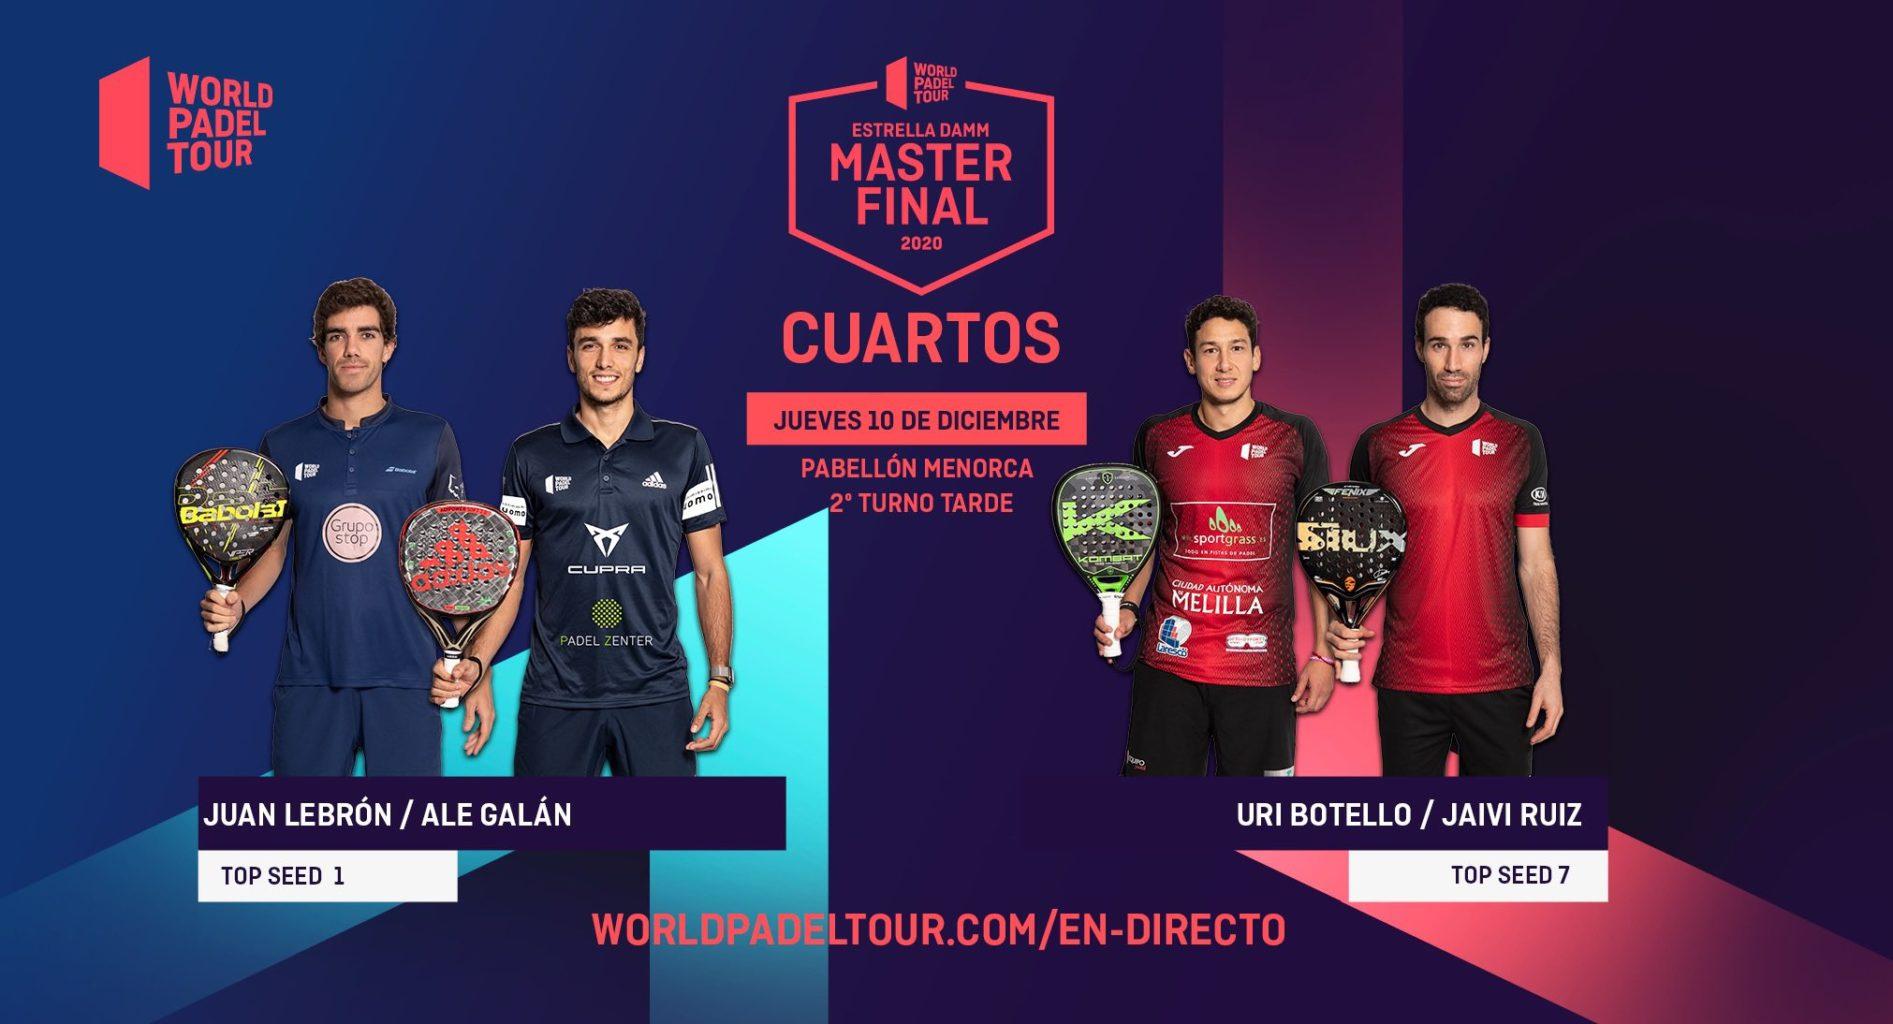 En directo la jornada de tarde del jueves de los cuartos de final del Estrella Damm Menorca Master Final 2020